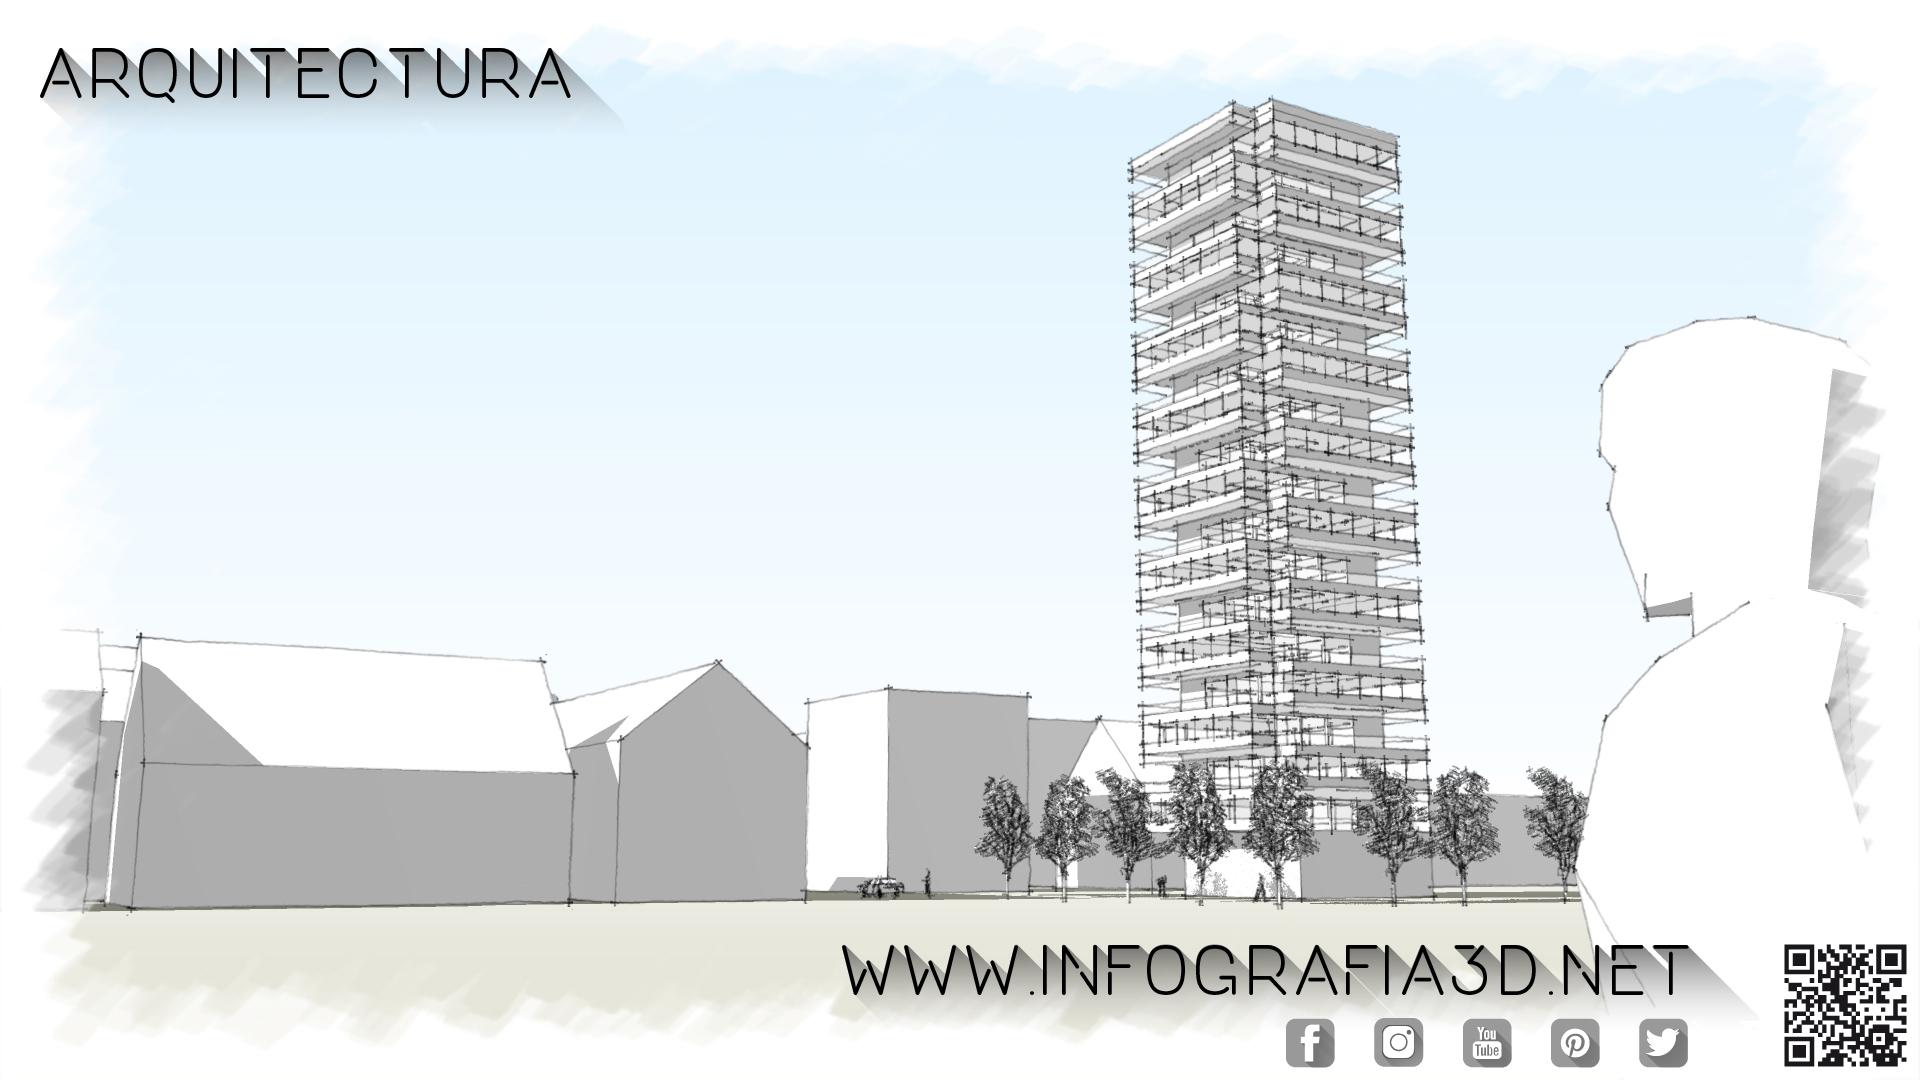 Arquitectura | Infografia3D